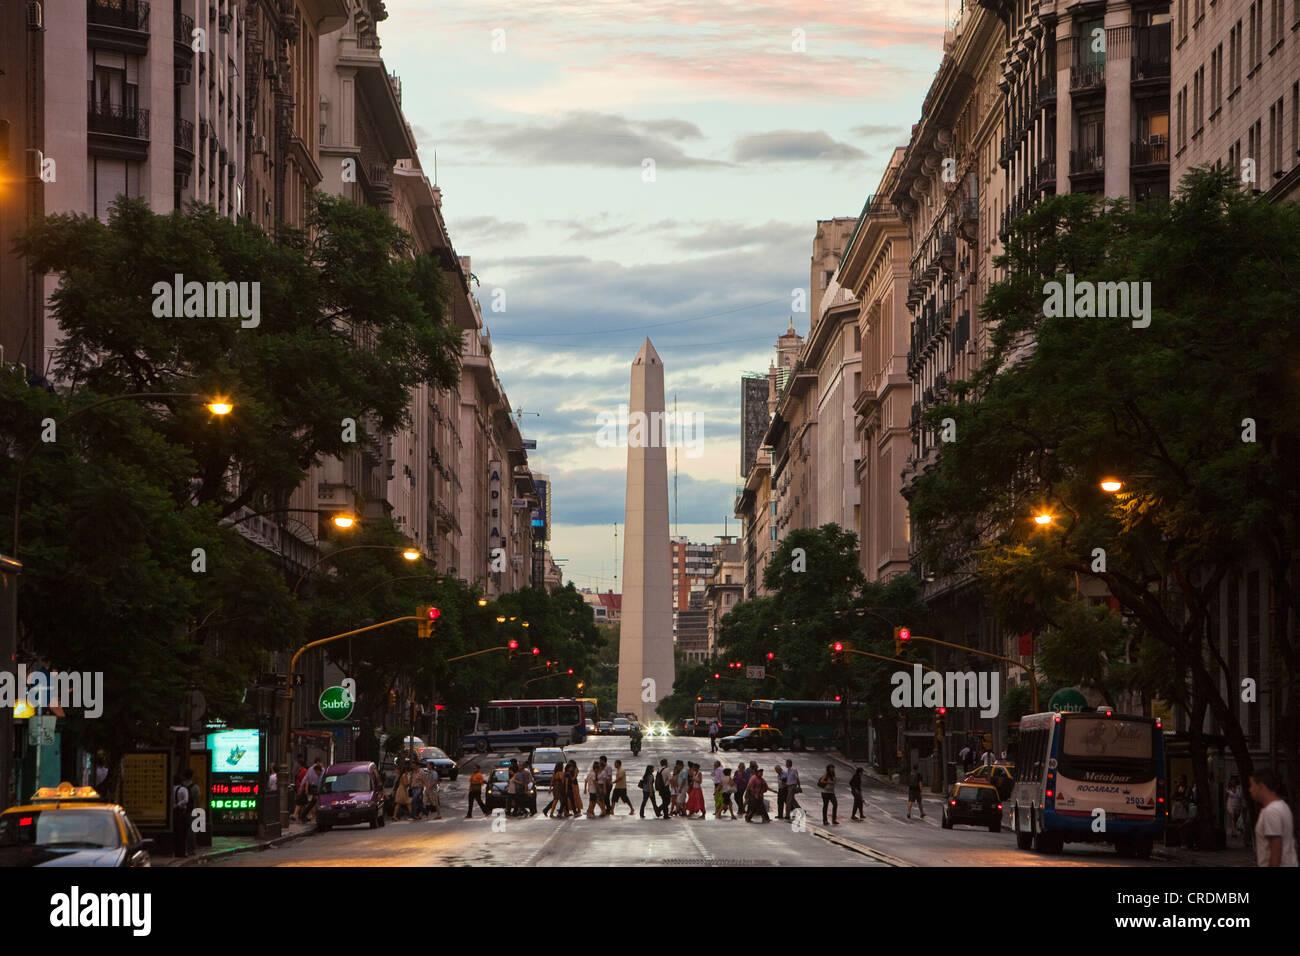 Obelisco de Buenos Aires, el obelisco, el monumento famoso de Buenos Aires, Plaza de la Republica, en la intersección Imagen De Stock